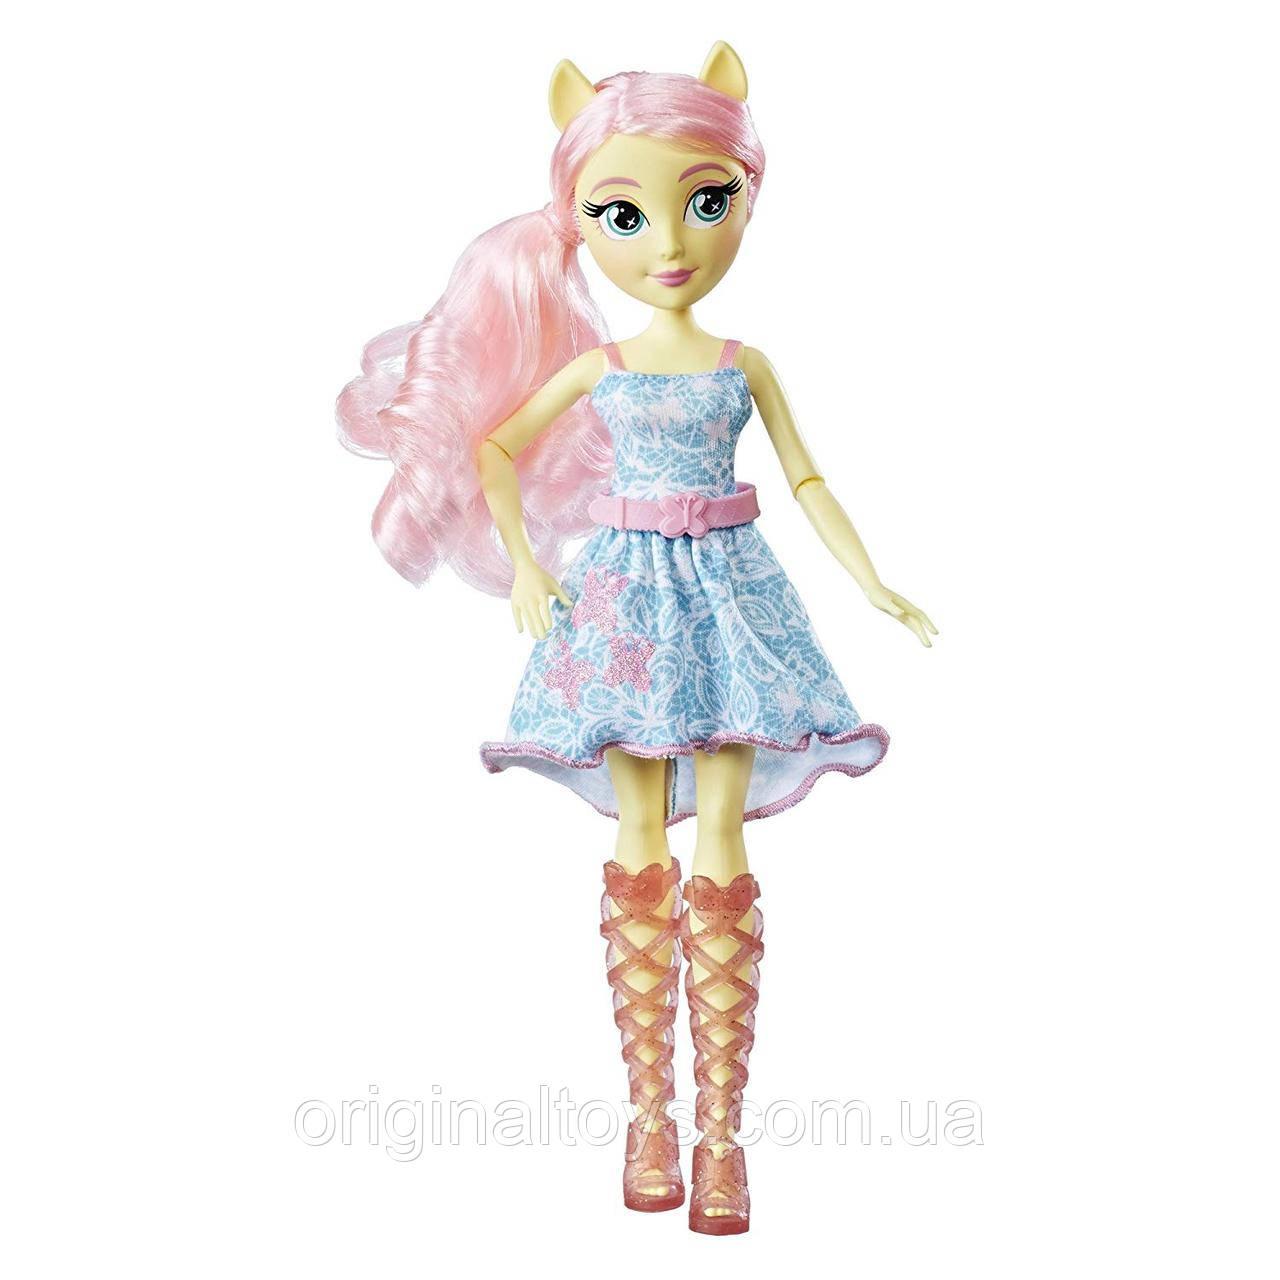 Кукла Флаттершай Девушки Эквестрии My Little Pony Classic Style Hasbro